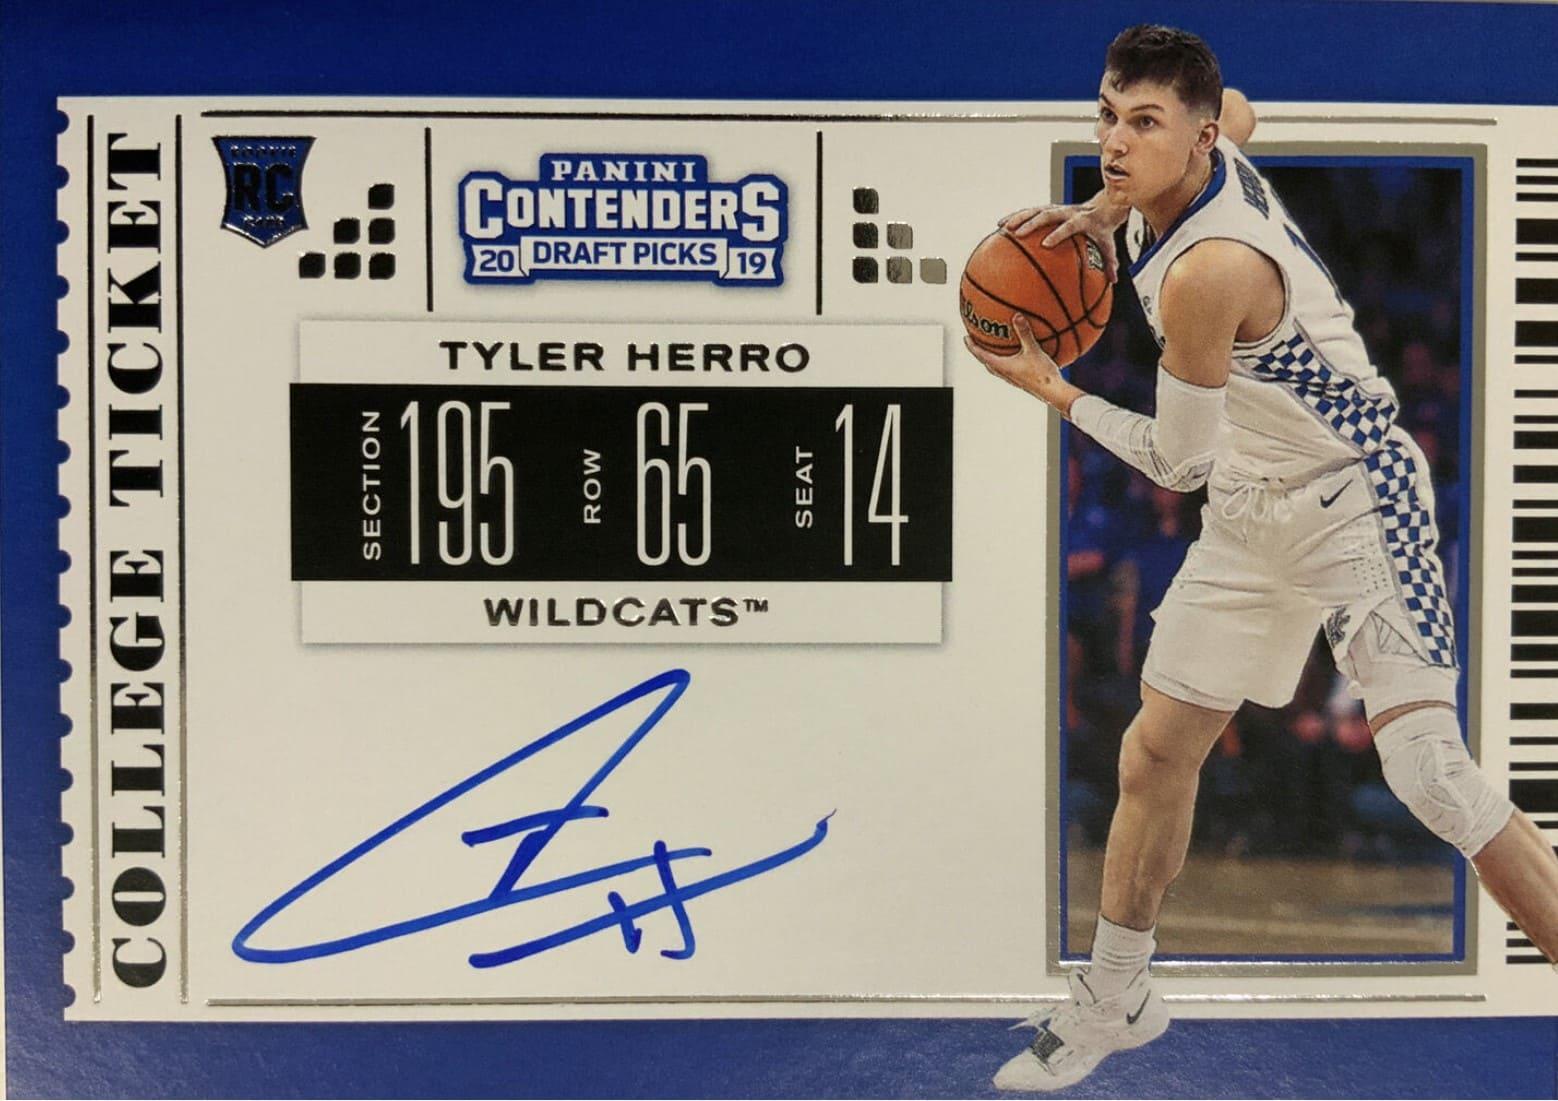 2019 Panini Contenders Draft Picks RC Tyler Herro Auto #69